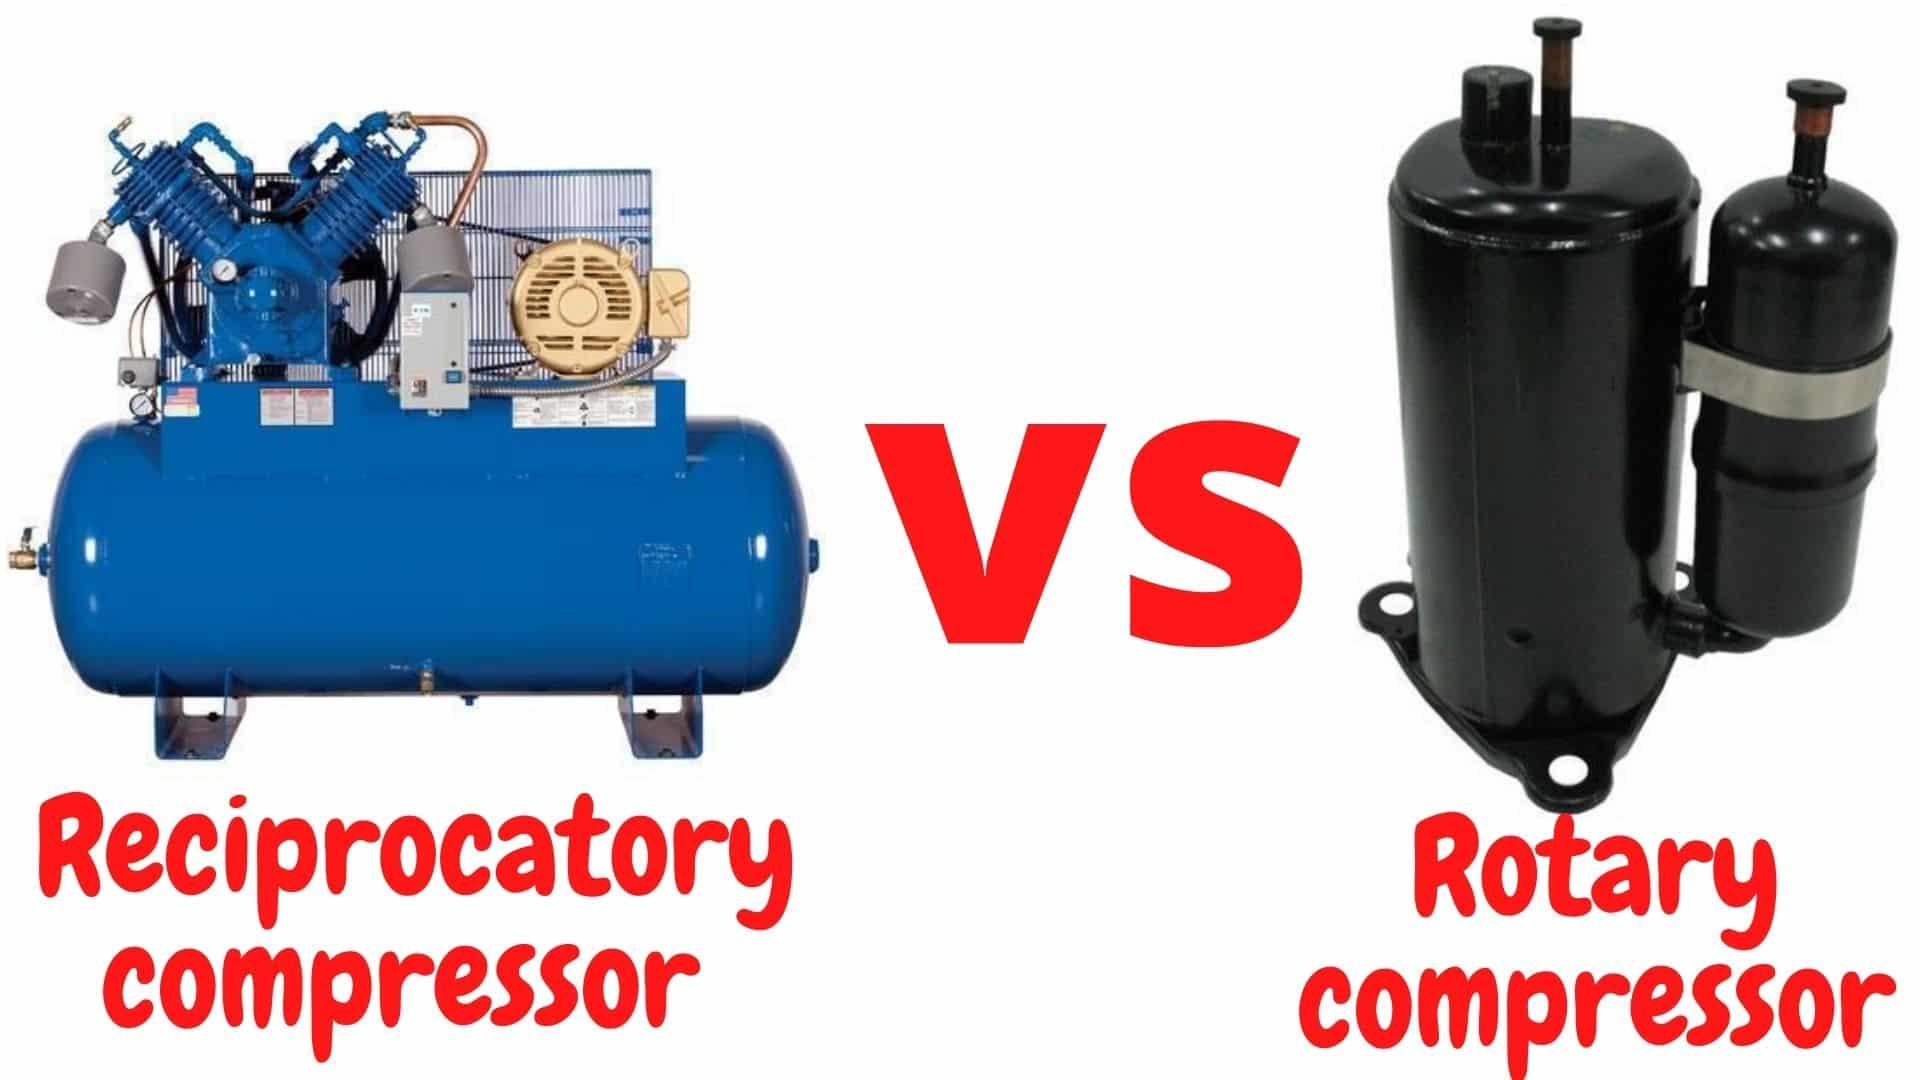 Reciprocatory compressor vs rotary compressor